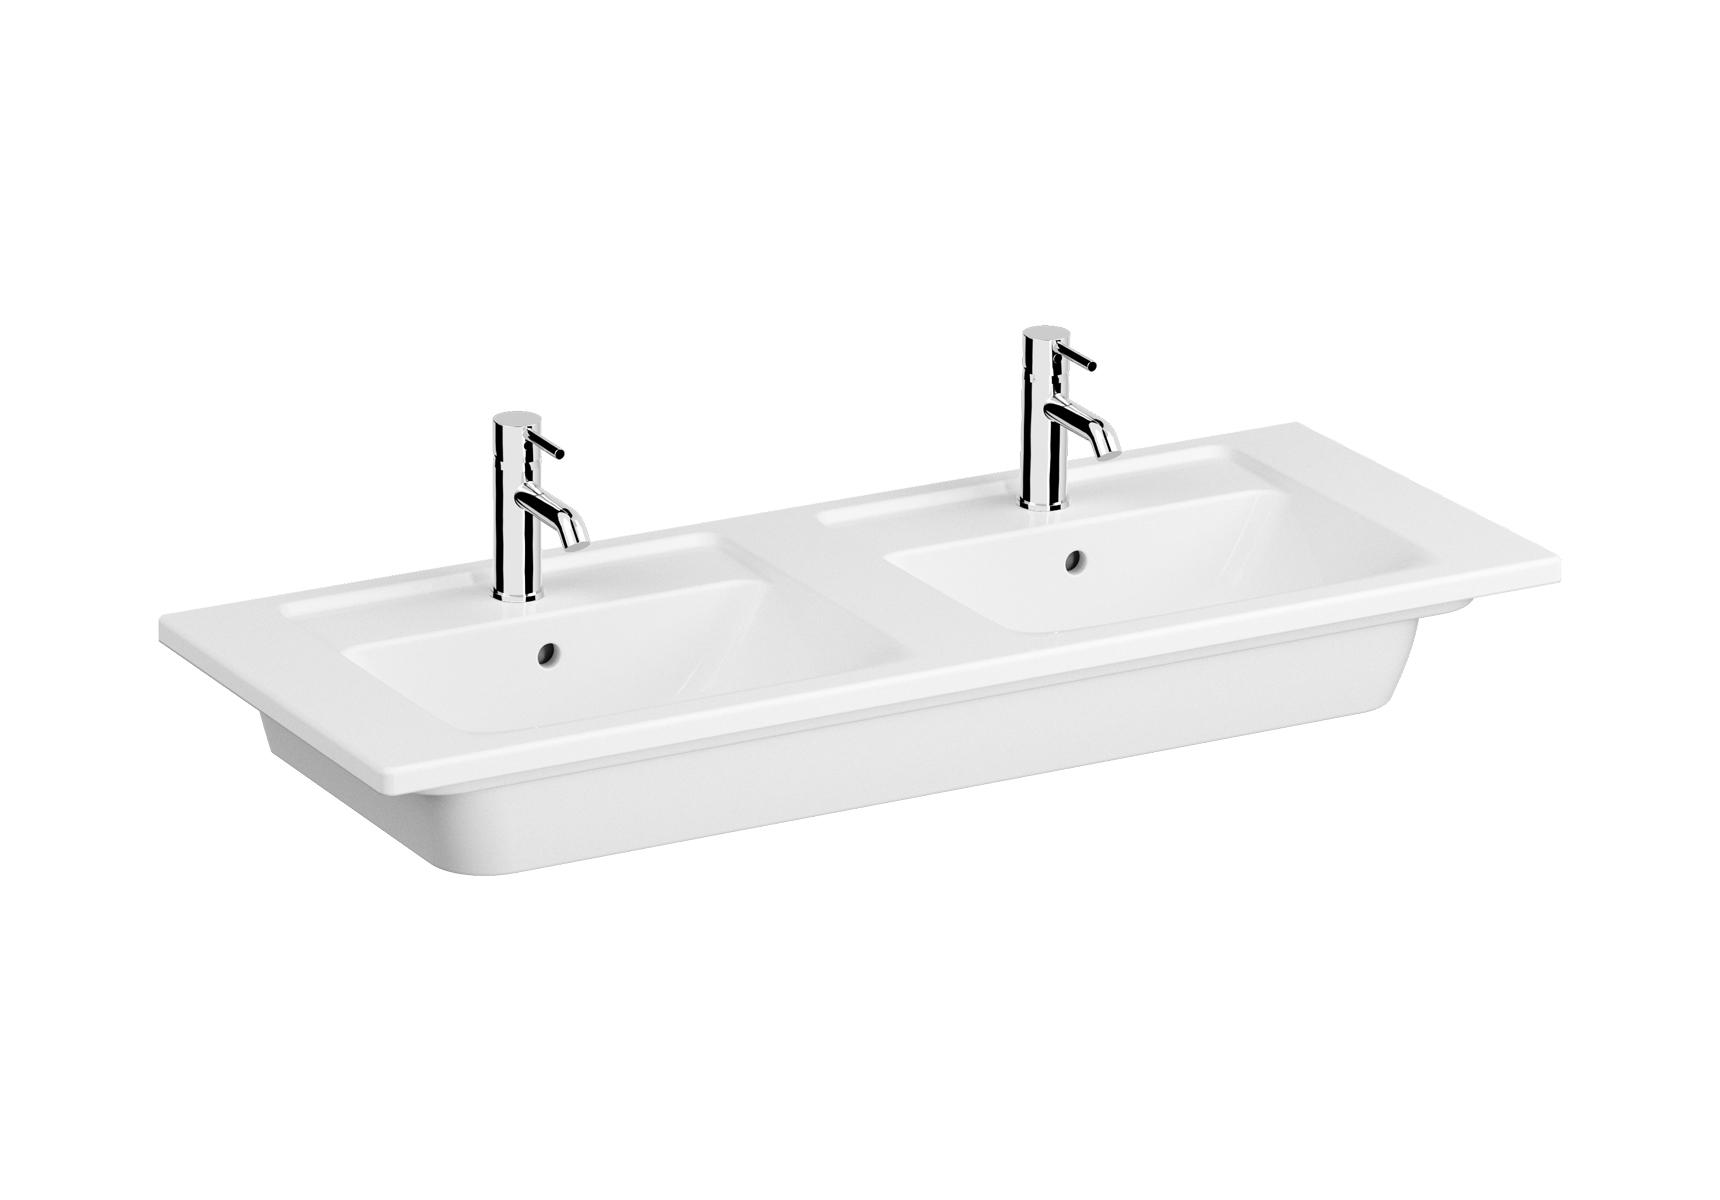 Integra plan céramique, lavabo double, 120 cm, avec trou de robinet et trop-plein par bac